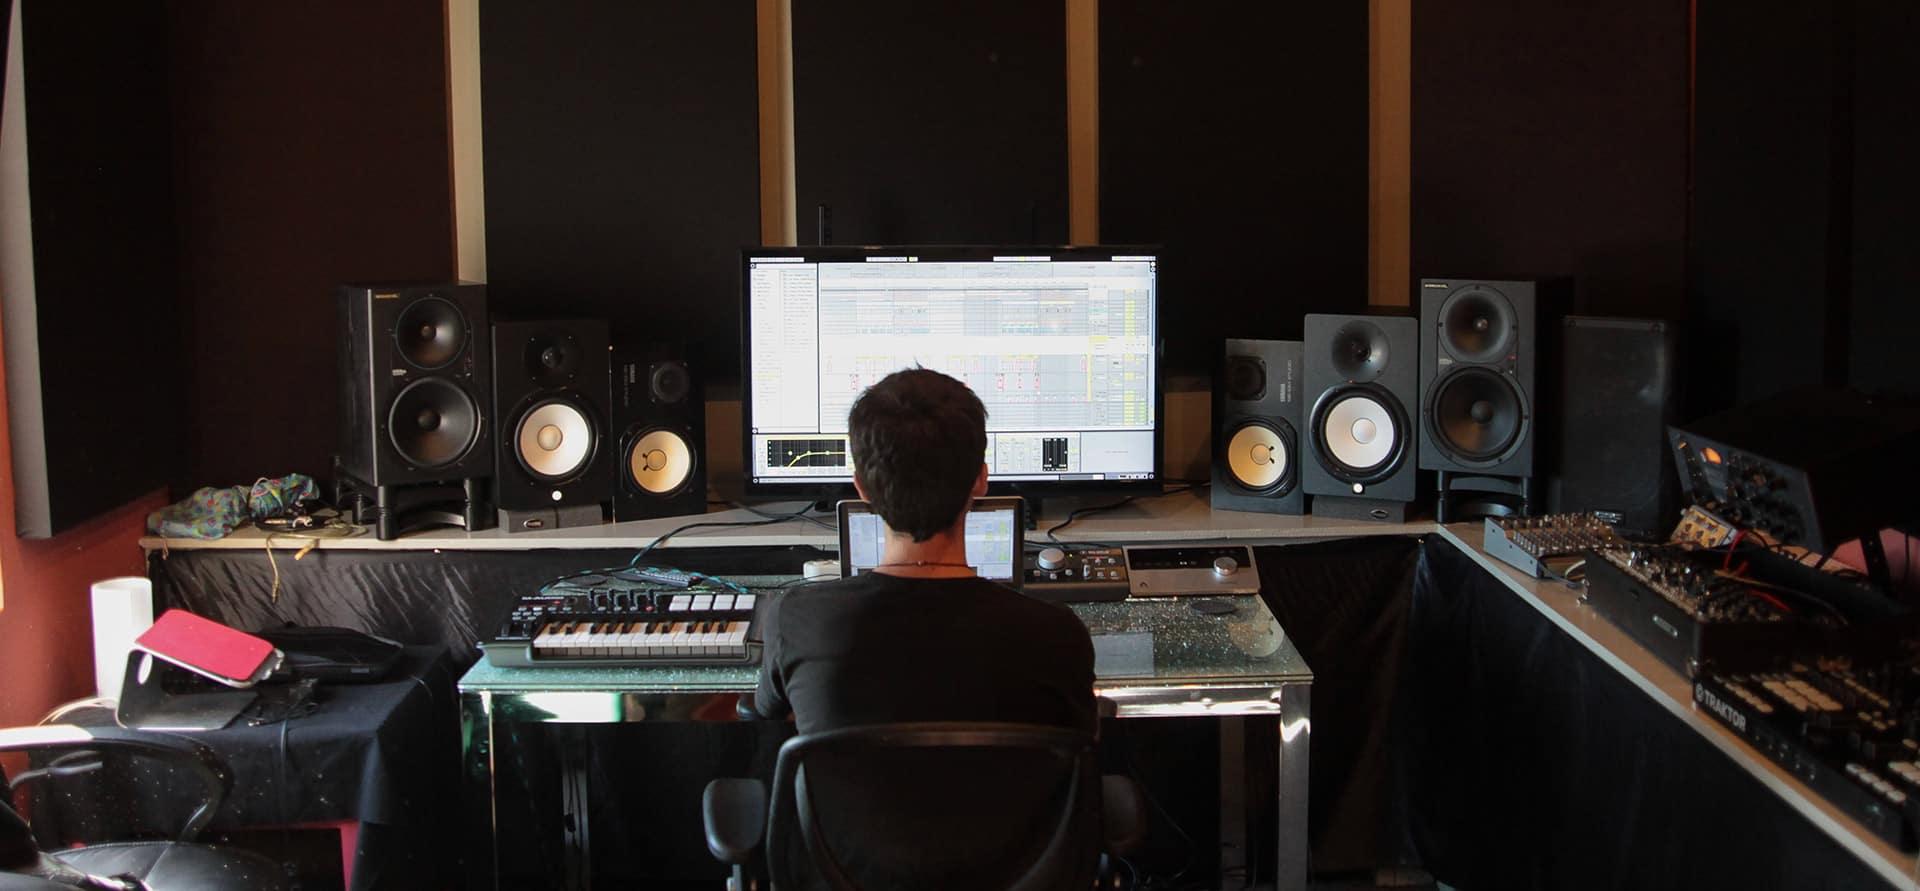 Курс создание музыки pro уровень